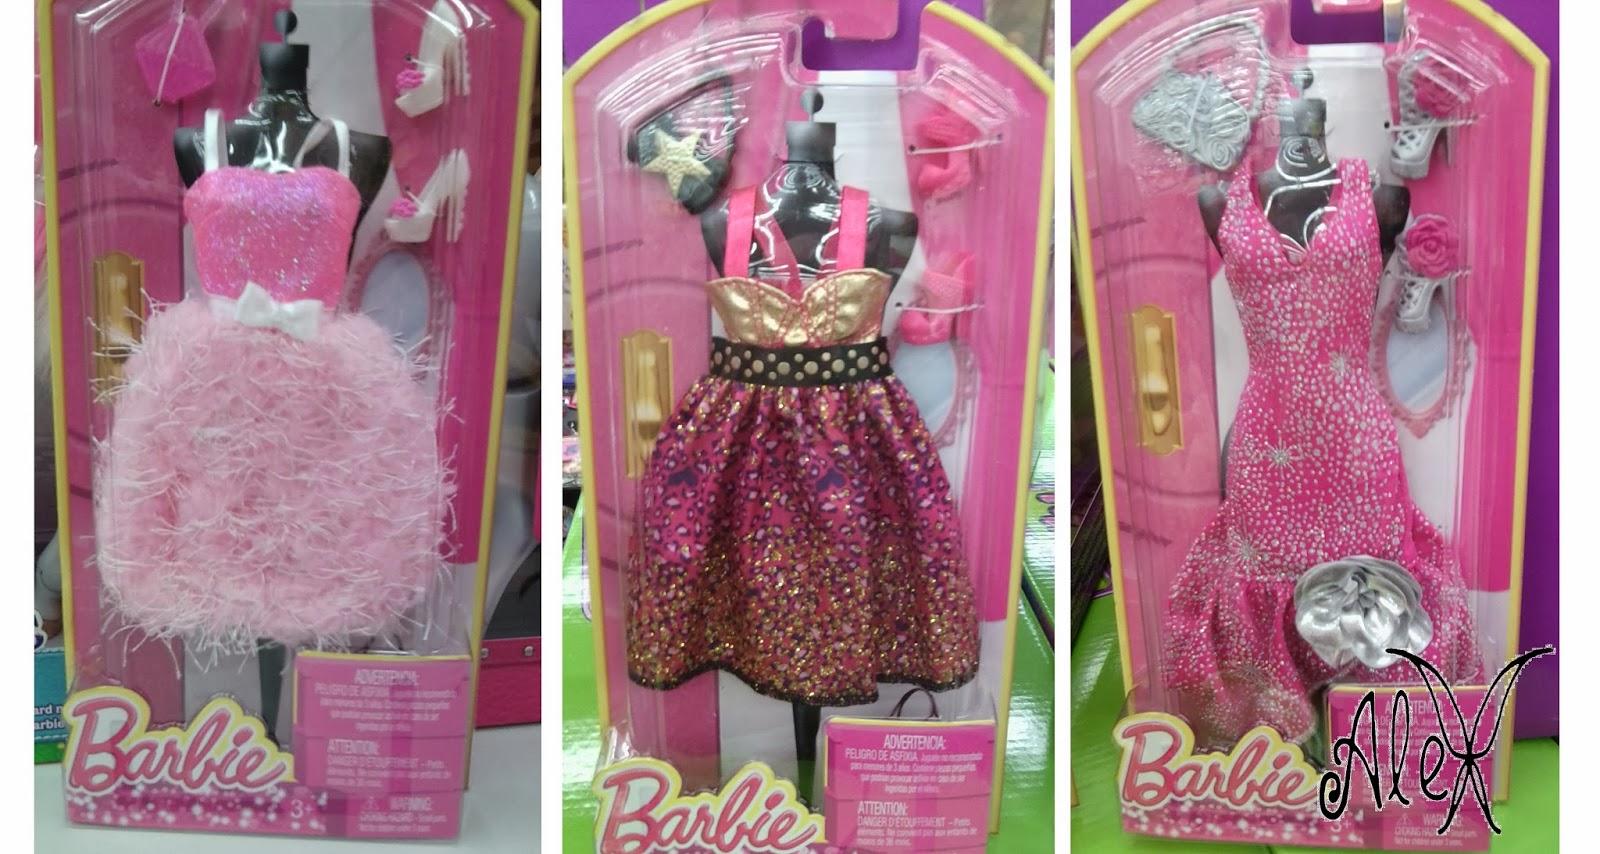 foto real de três novas cartelas de roupinhas Fashionistas da Barbie  #953661 1600x854 Banheiro Da Barbie Lojas Americanas